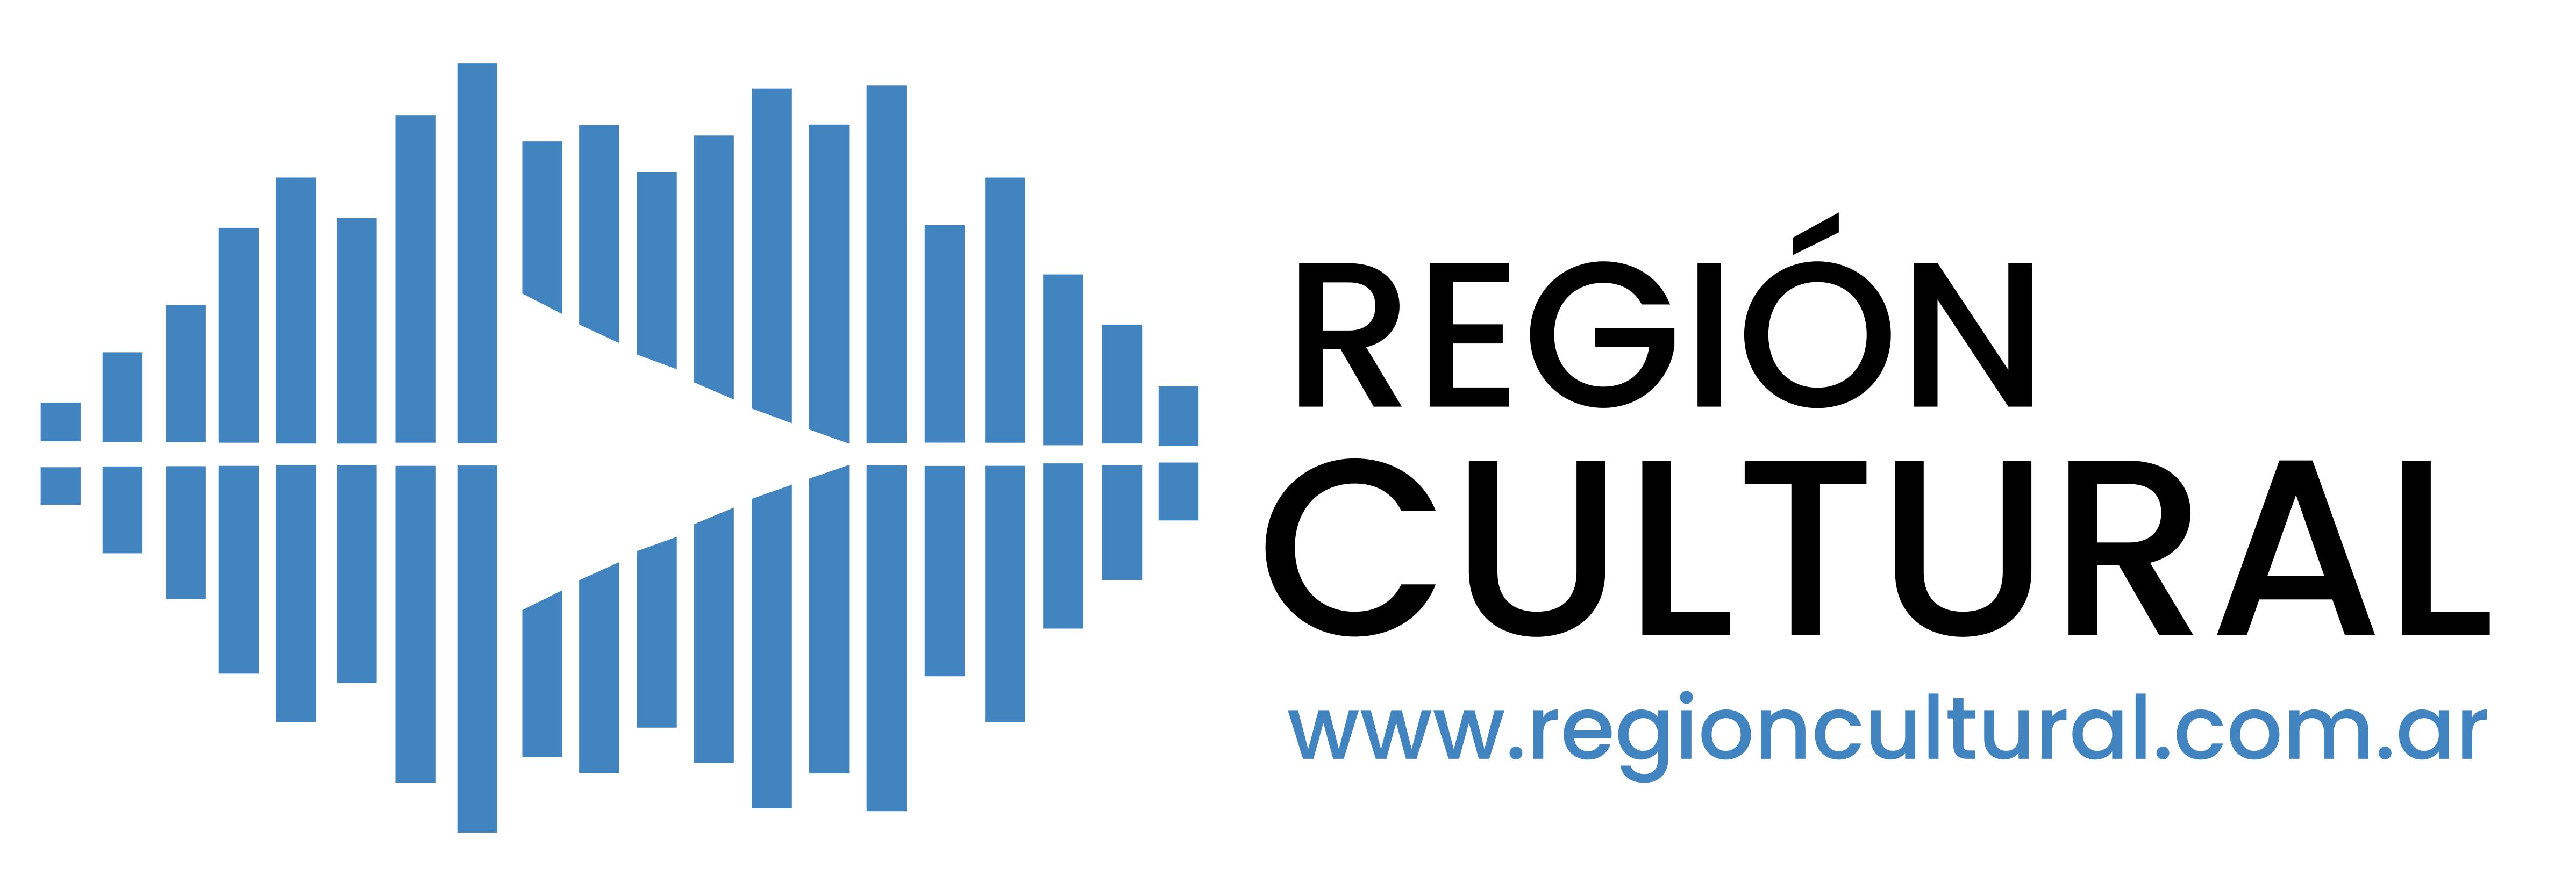 Región Cultural